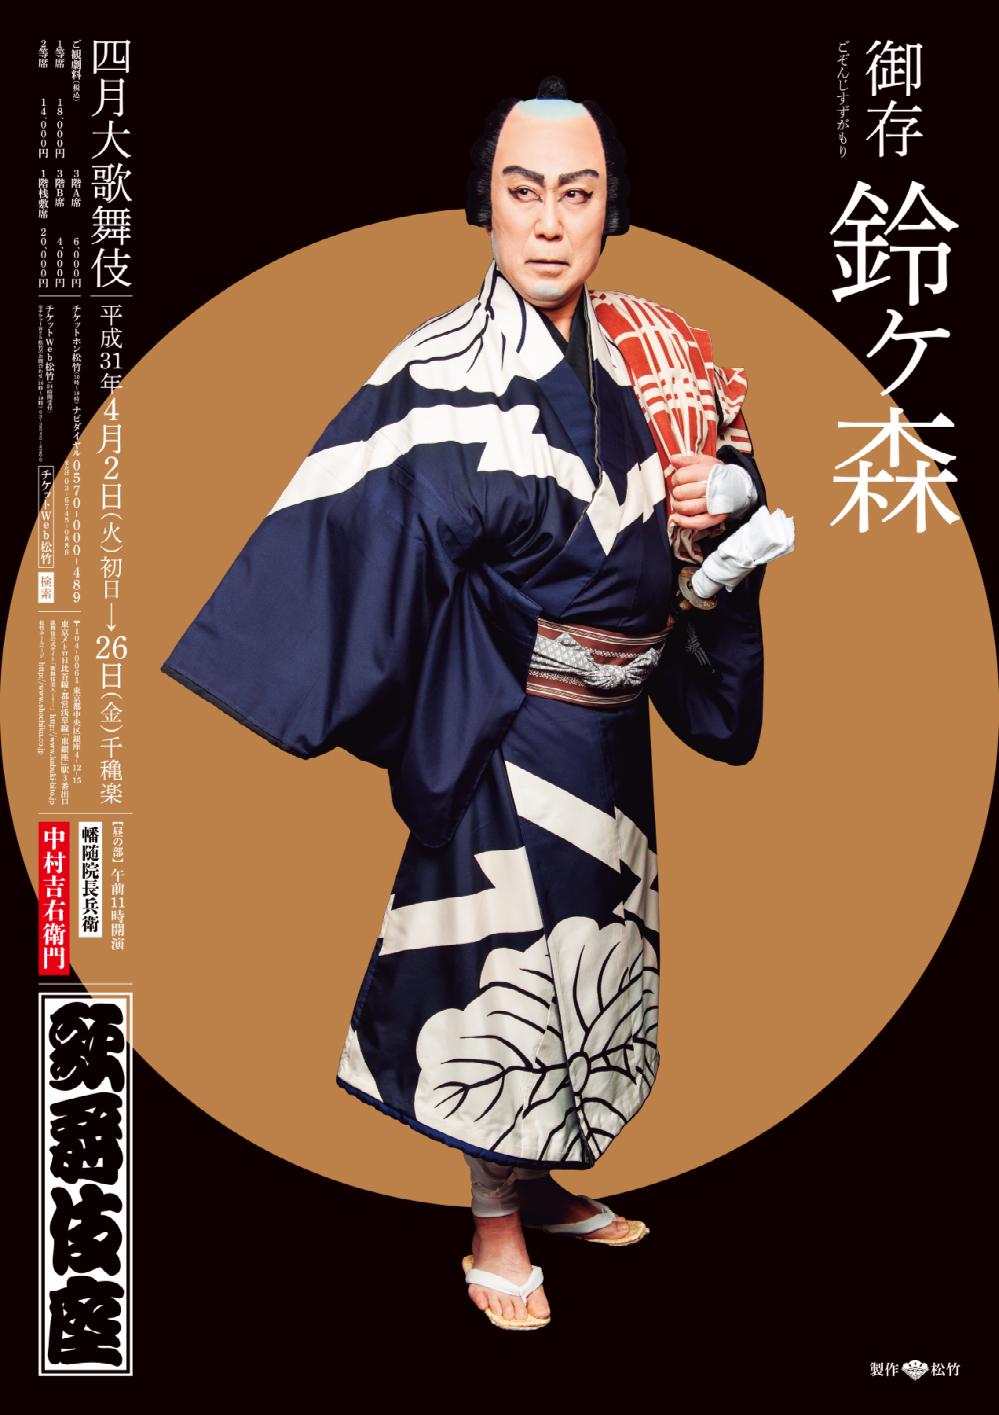 歌舞伎座「四月大歌舞伎」特別ポスターが完成